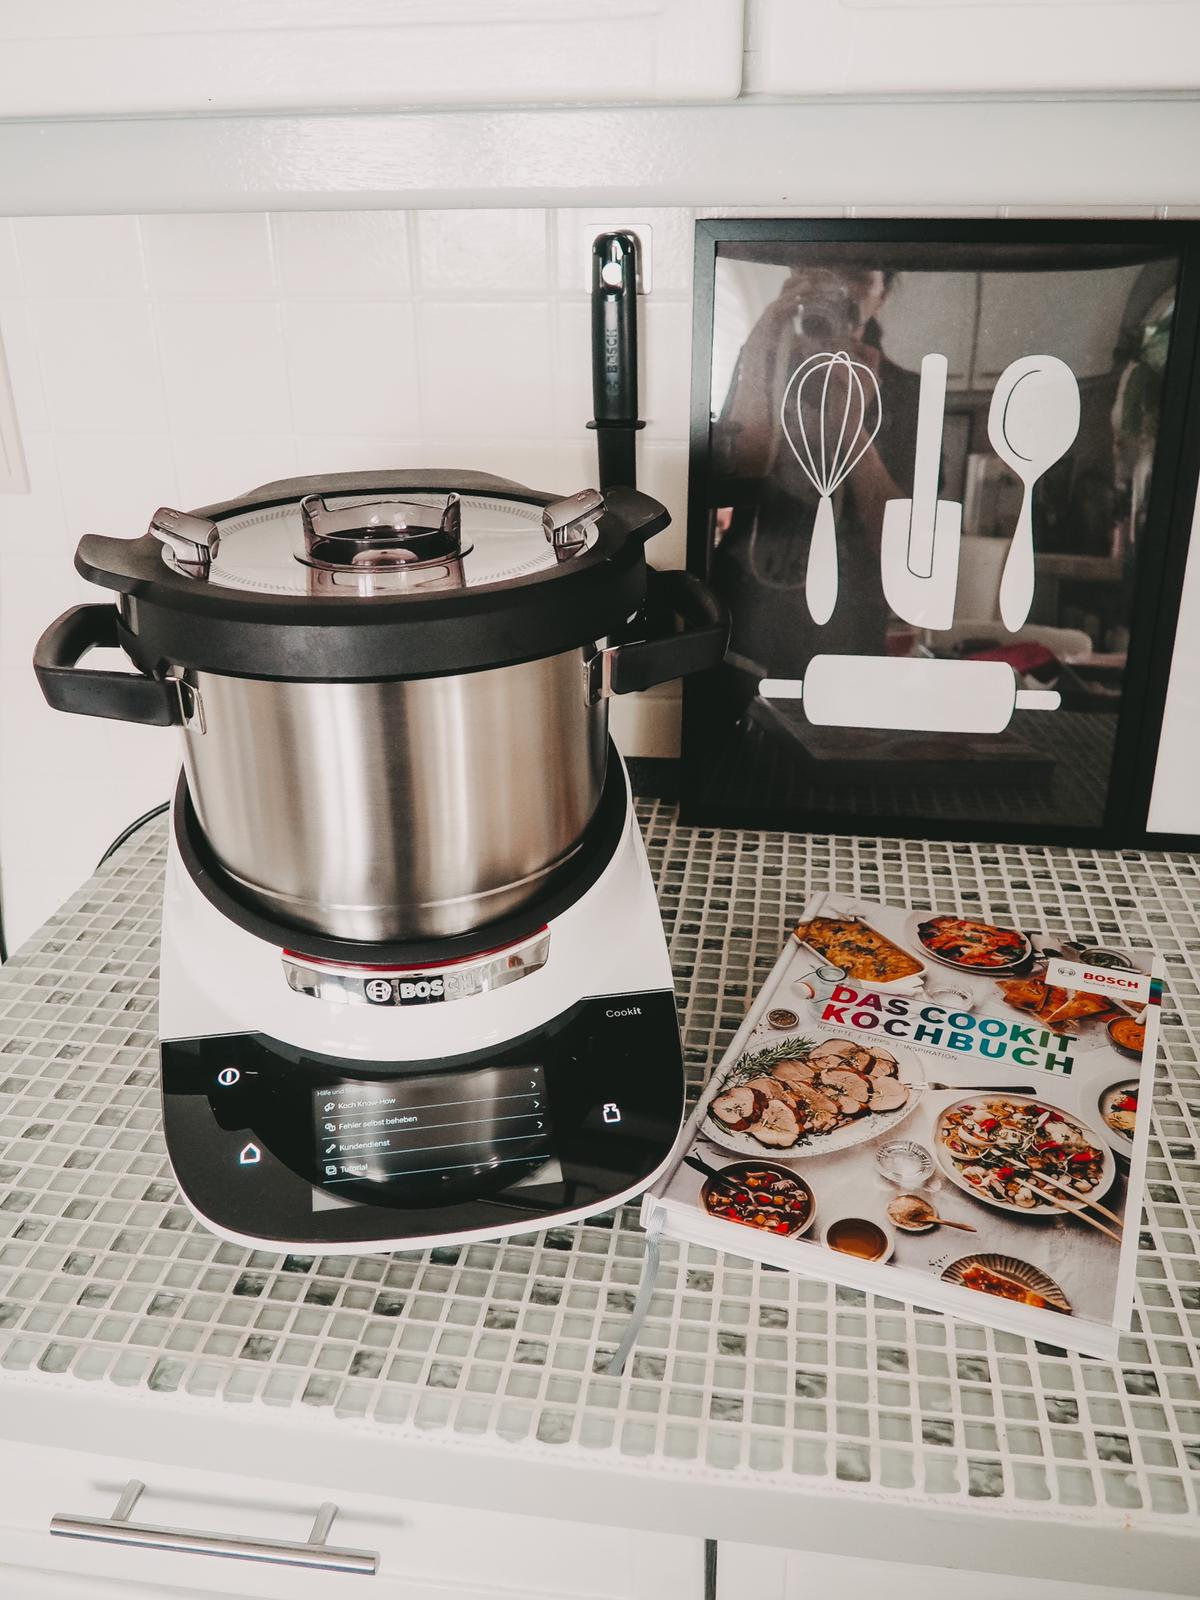 Bosch Cookit Kochbuch